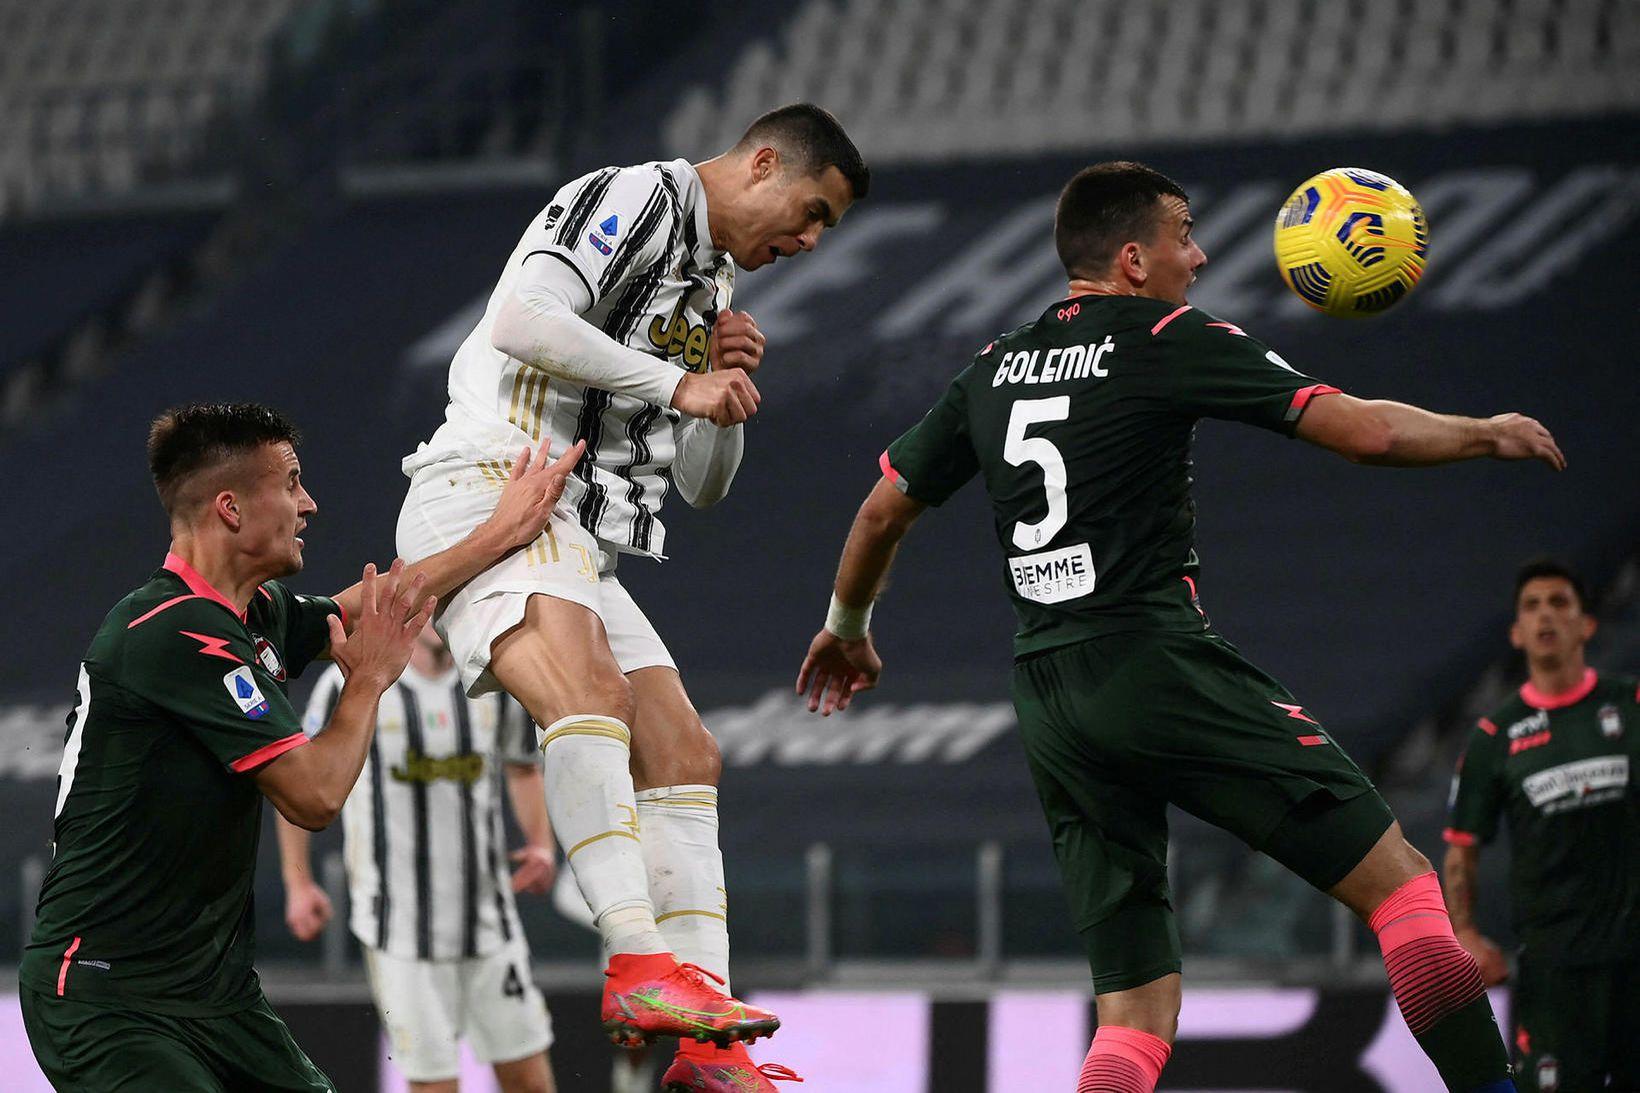 Cristiano Ronaldo skorar seinna mark sitt fyrir Juventus í sigrinum …